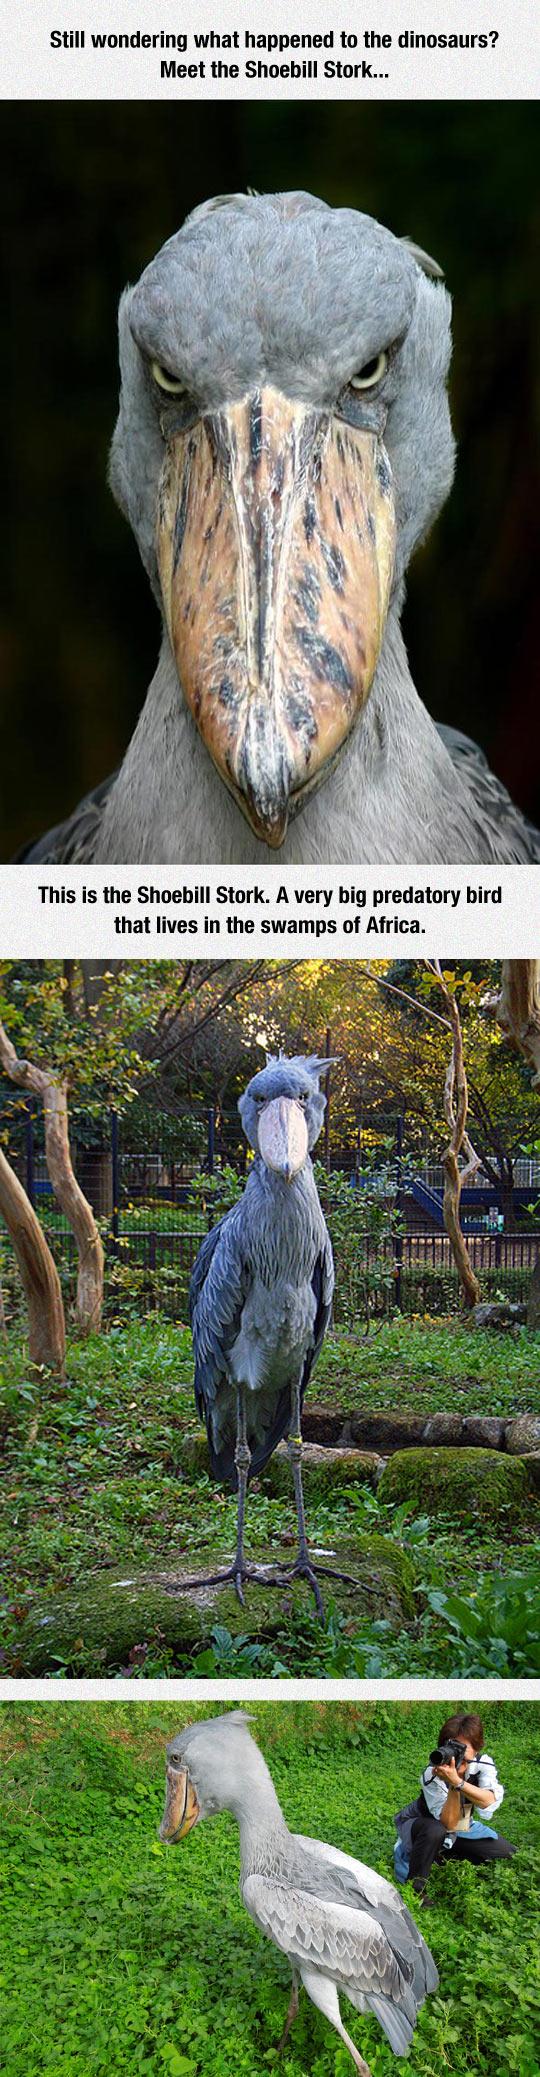 funny-dinosaur-Shoebill-stork-bird